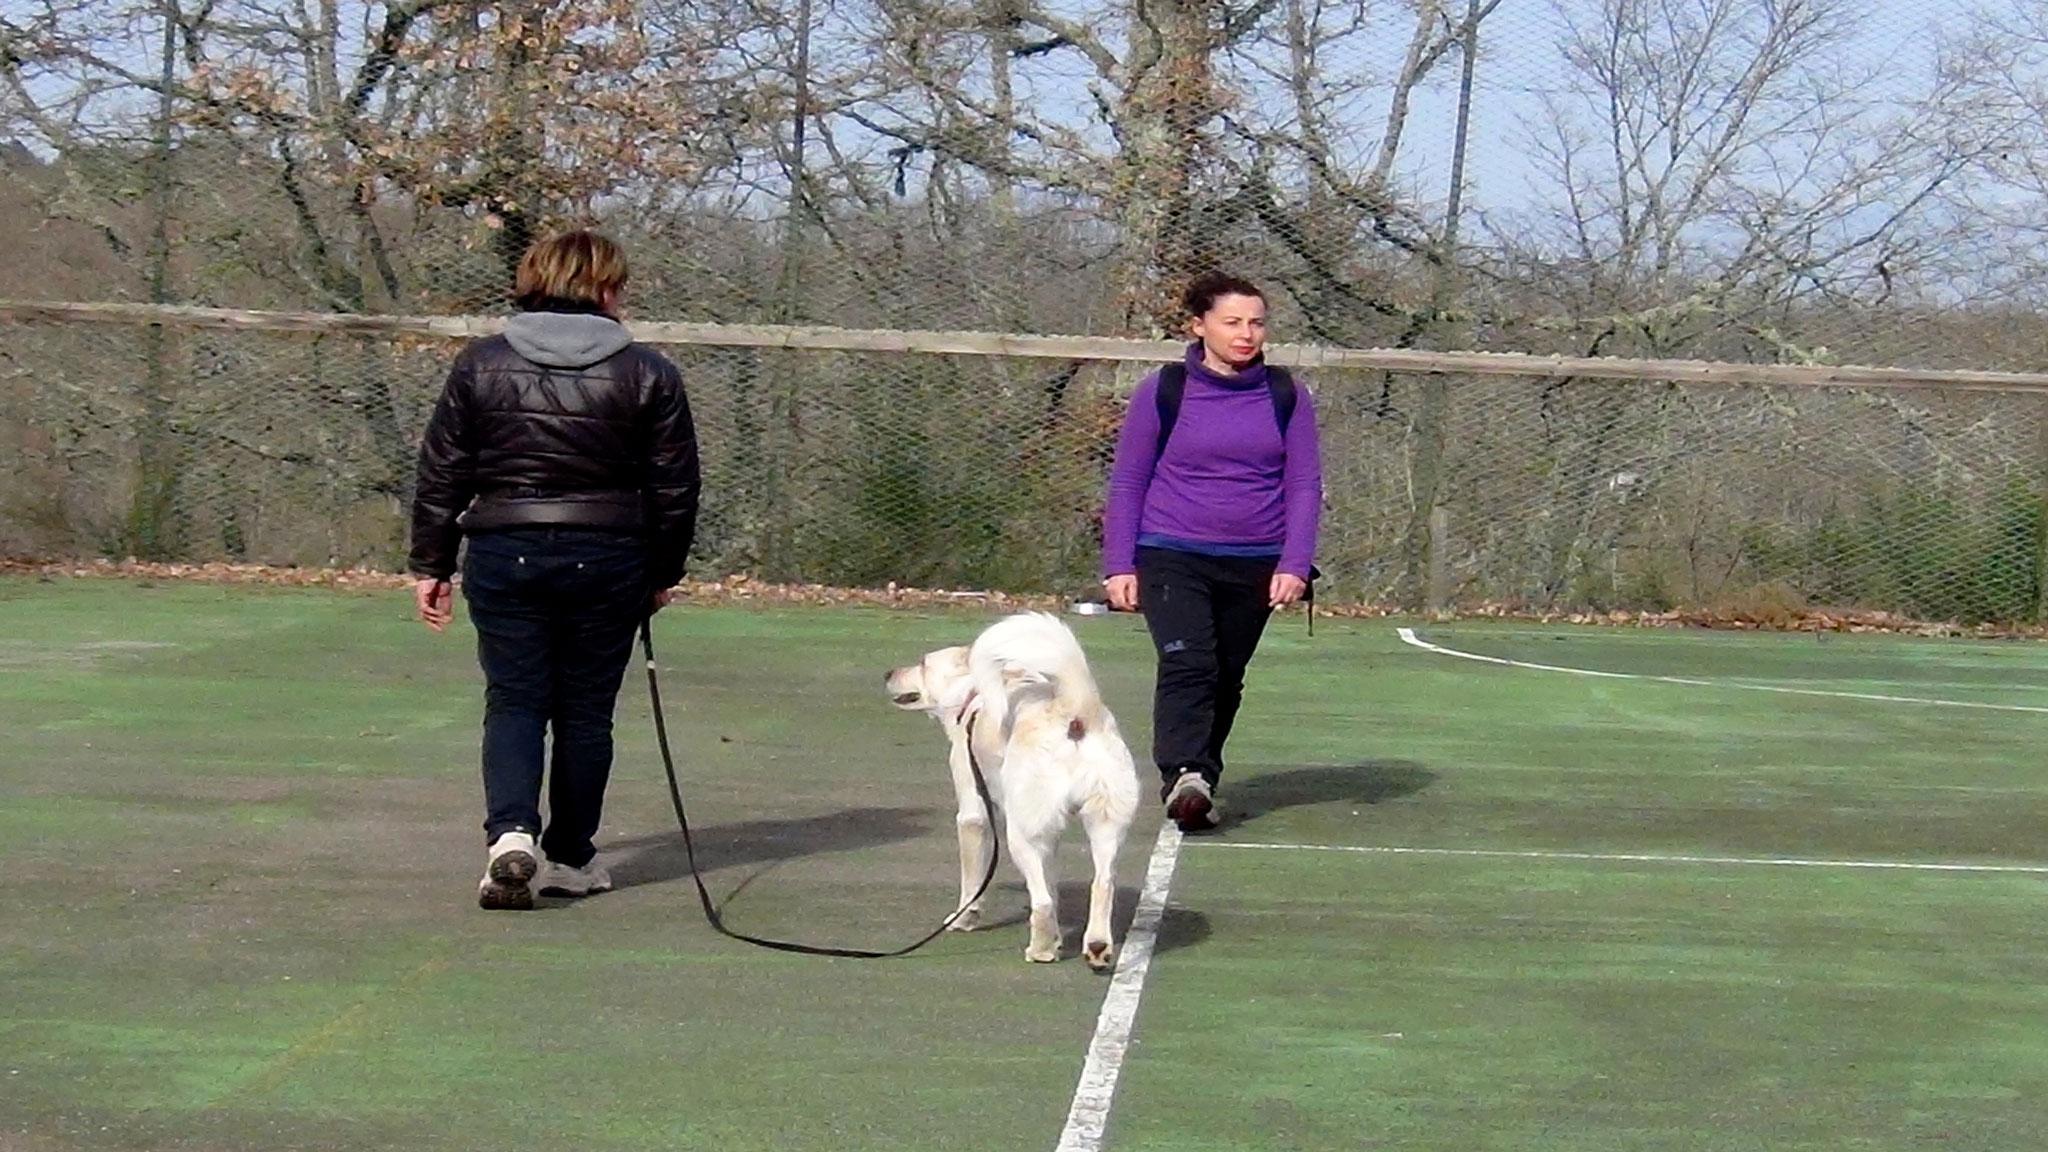 Risultato Esperienza Claudia con Valentino cane meticcio maremmano di 3 anni -Corso Togetherdog Stefano Pesci